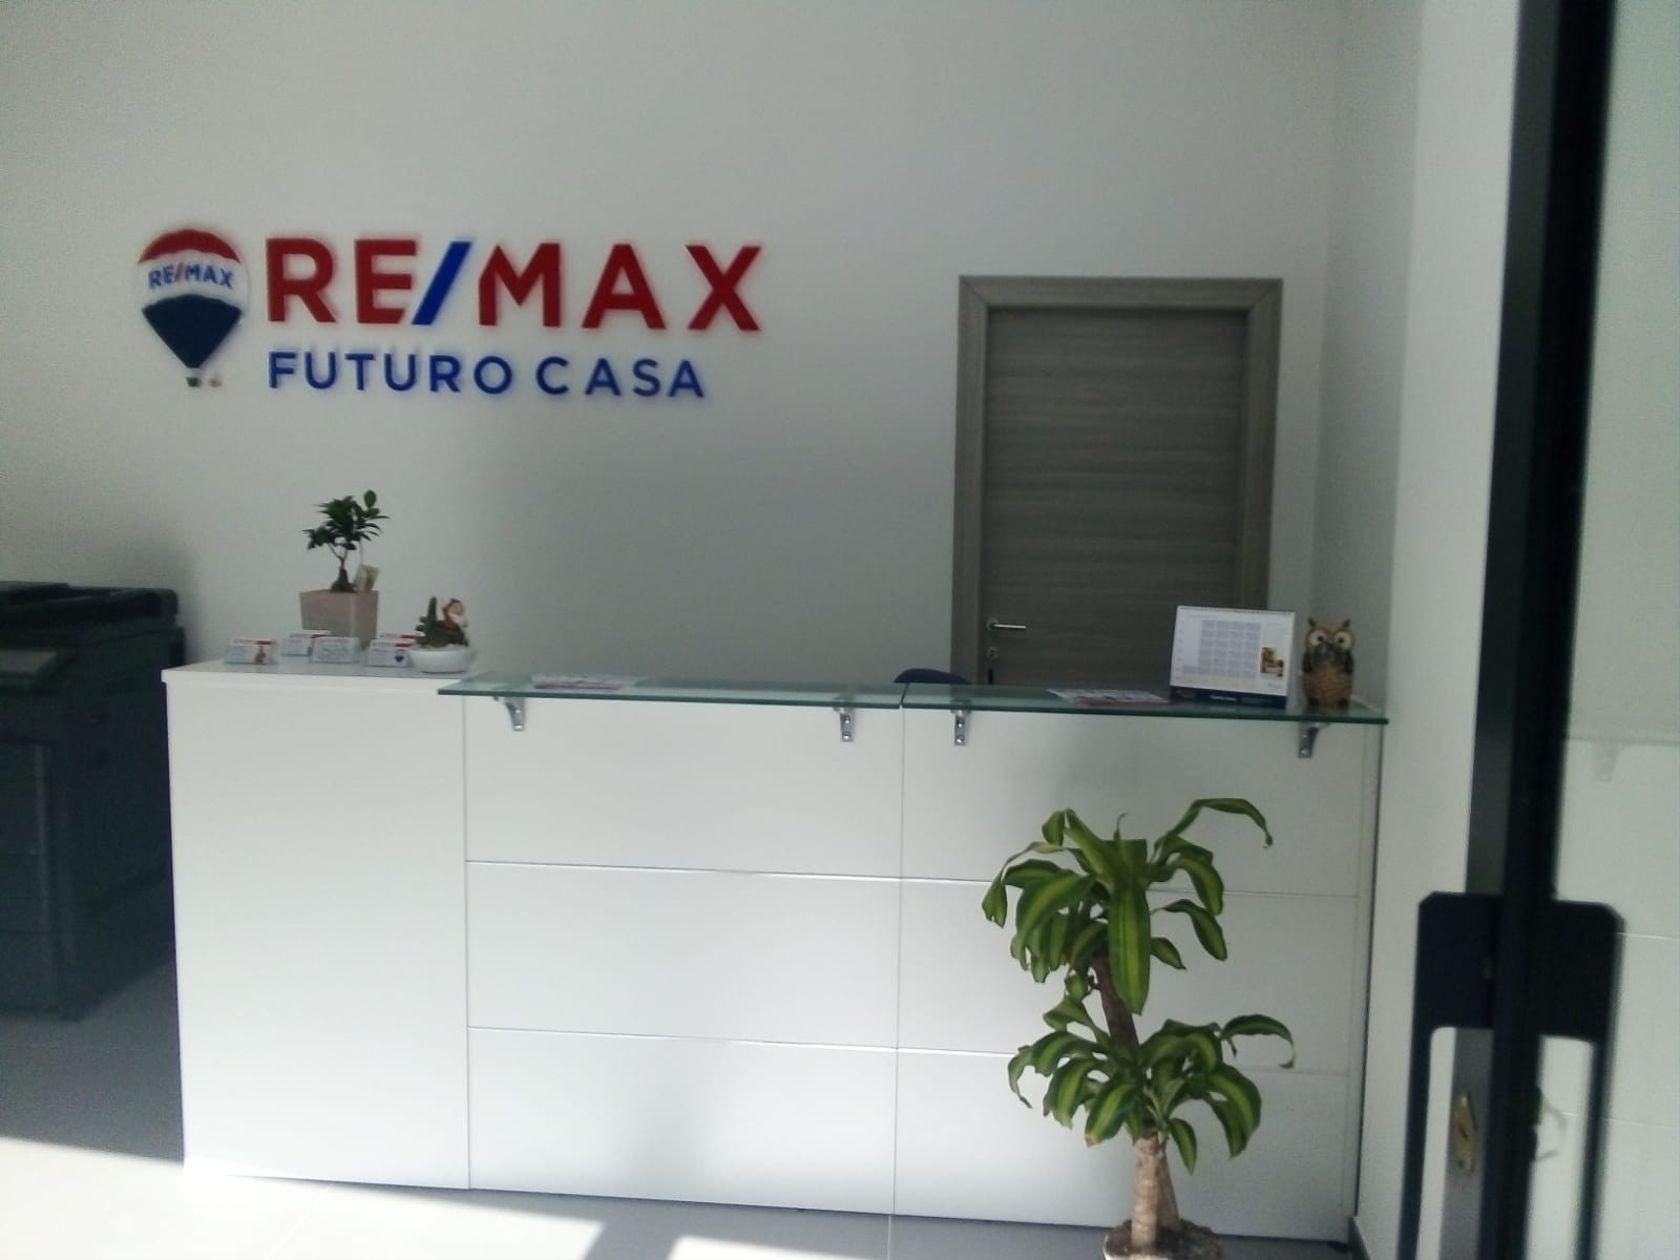 RE/MAX Futuro Casa 2 Caivano